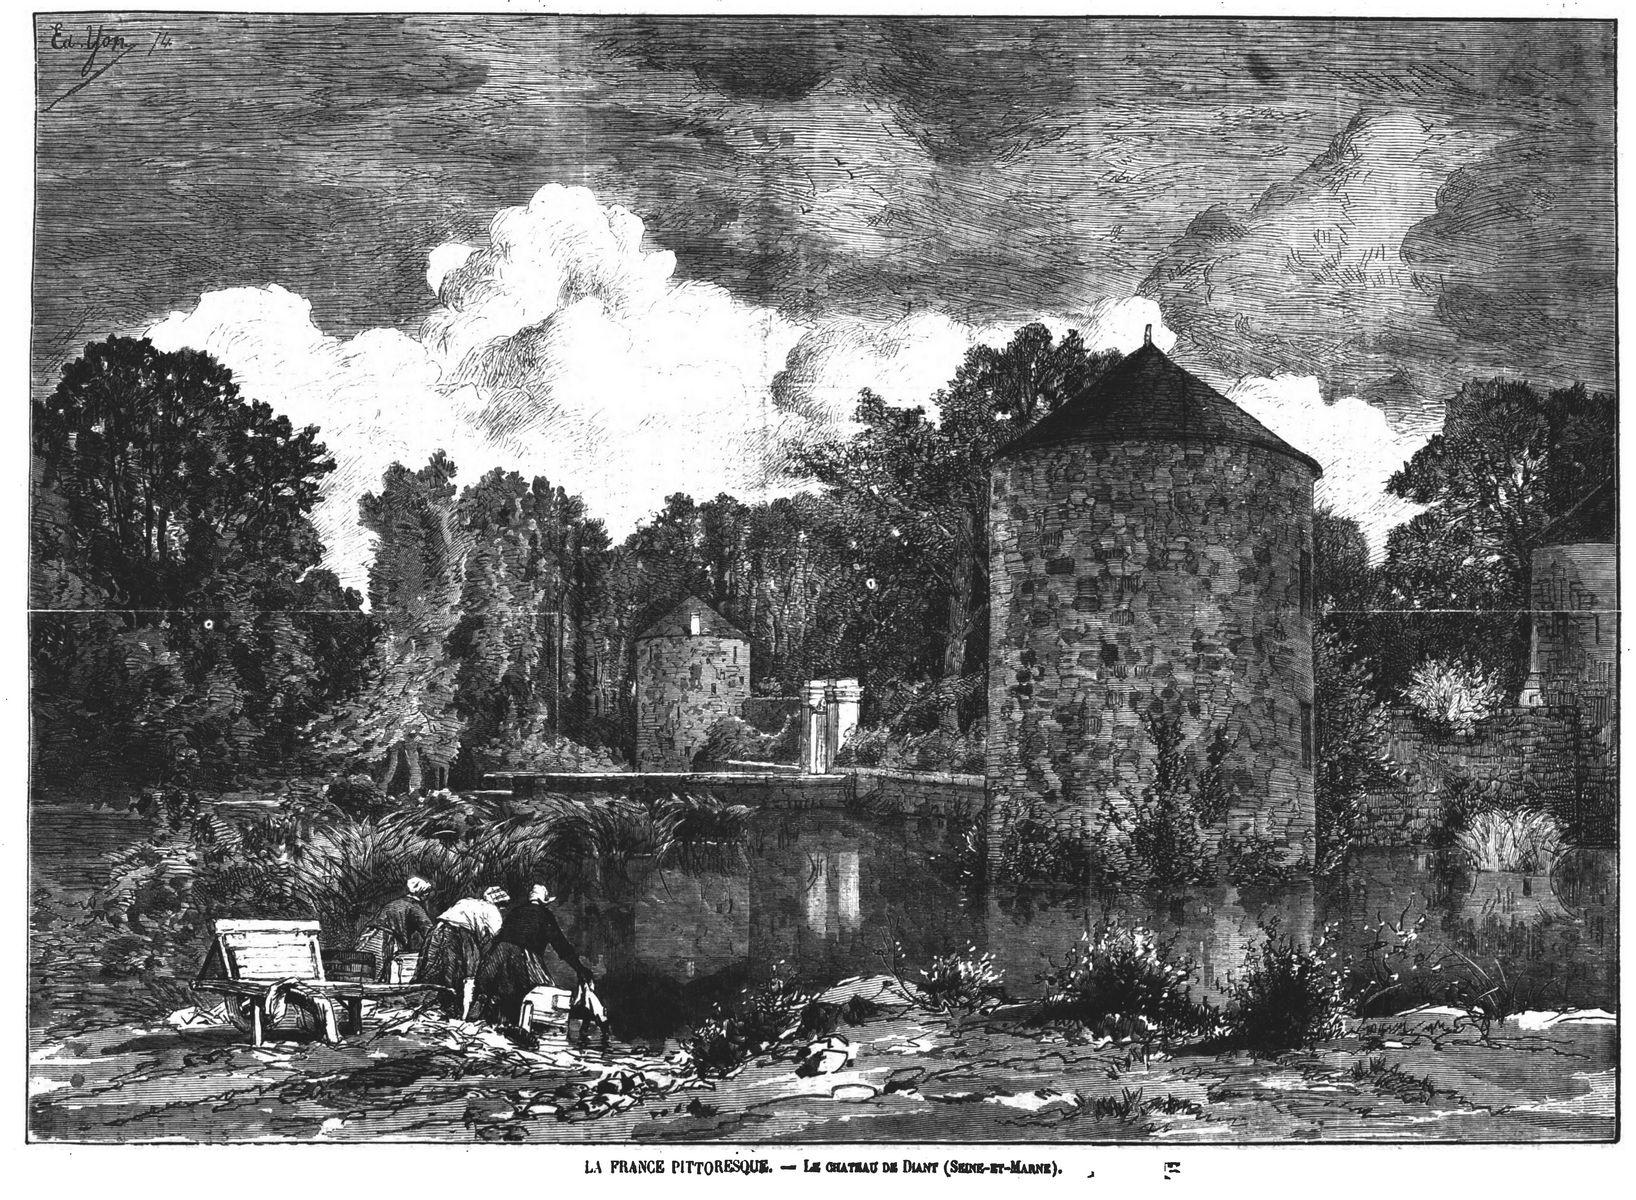 La France pittoresque : le château de Diant (Seine-et-Marne). Gravure 1874